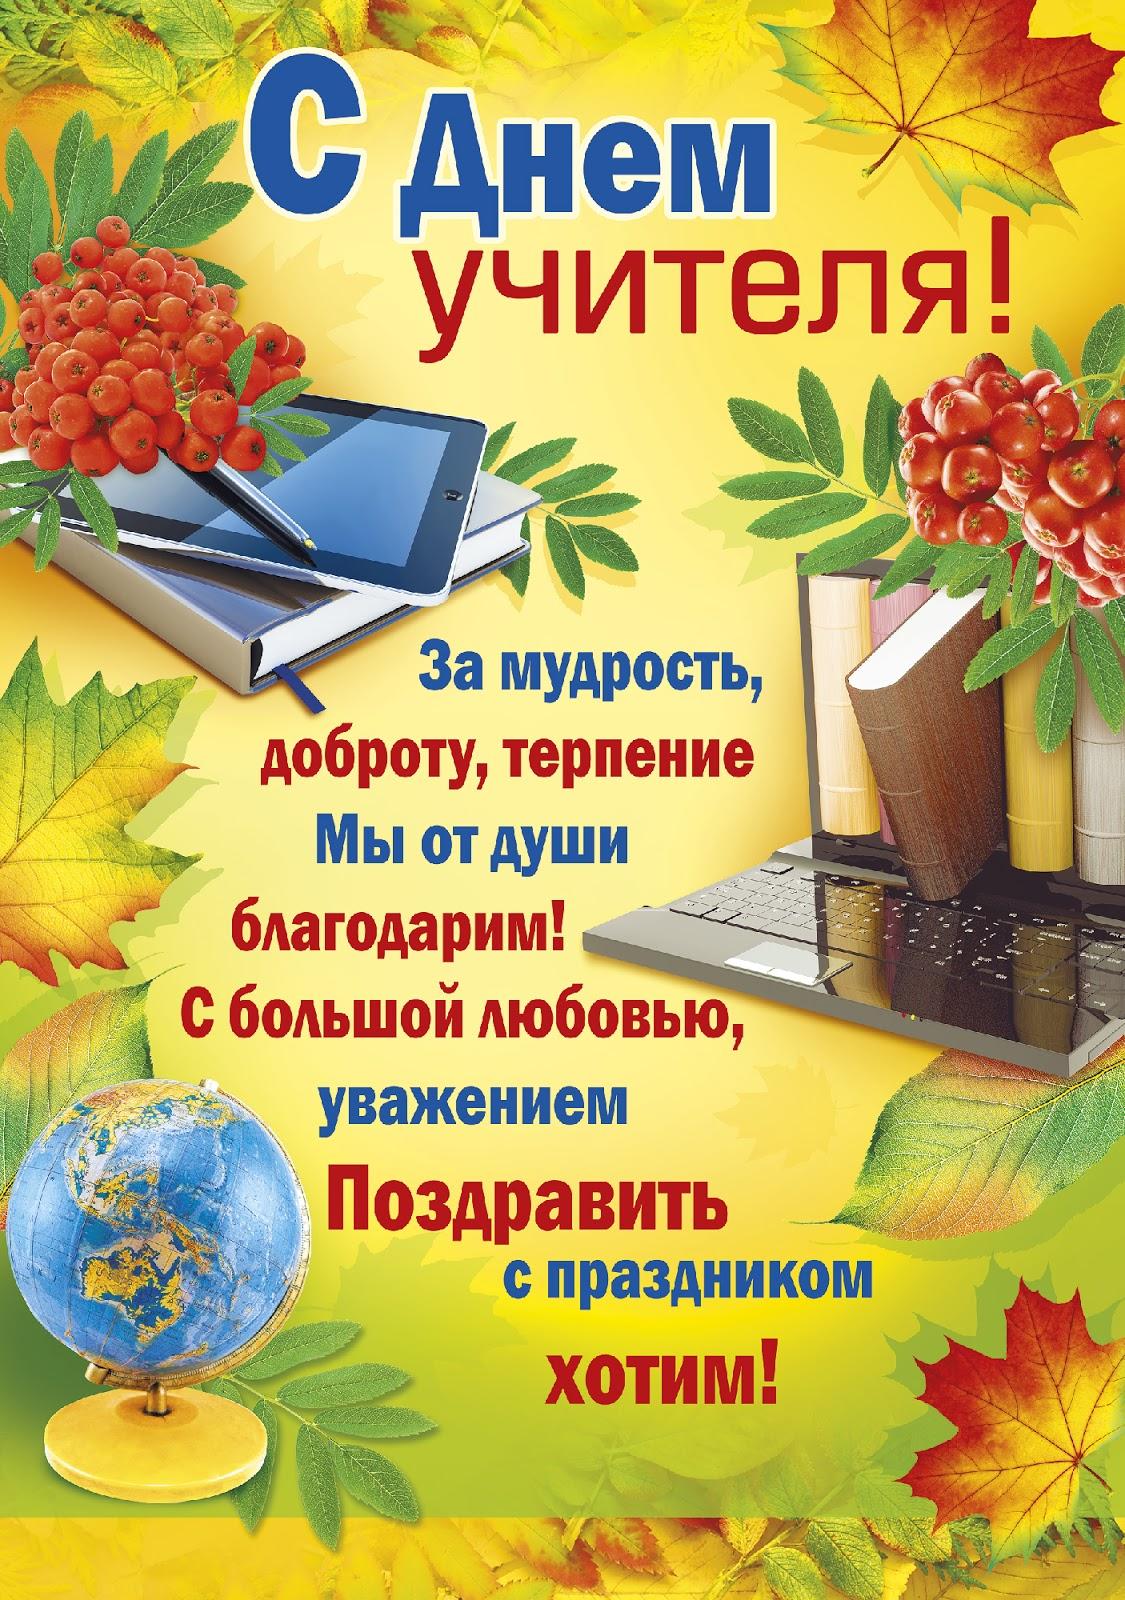 Поздравления с днем учителя открытки своими руками